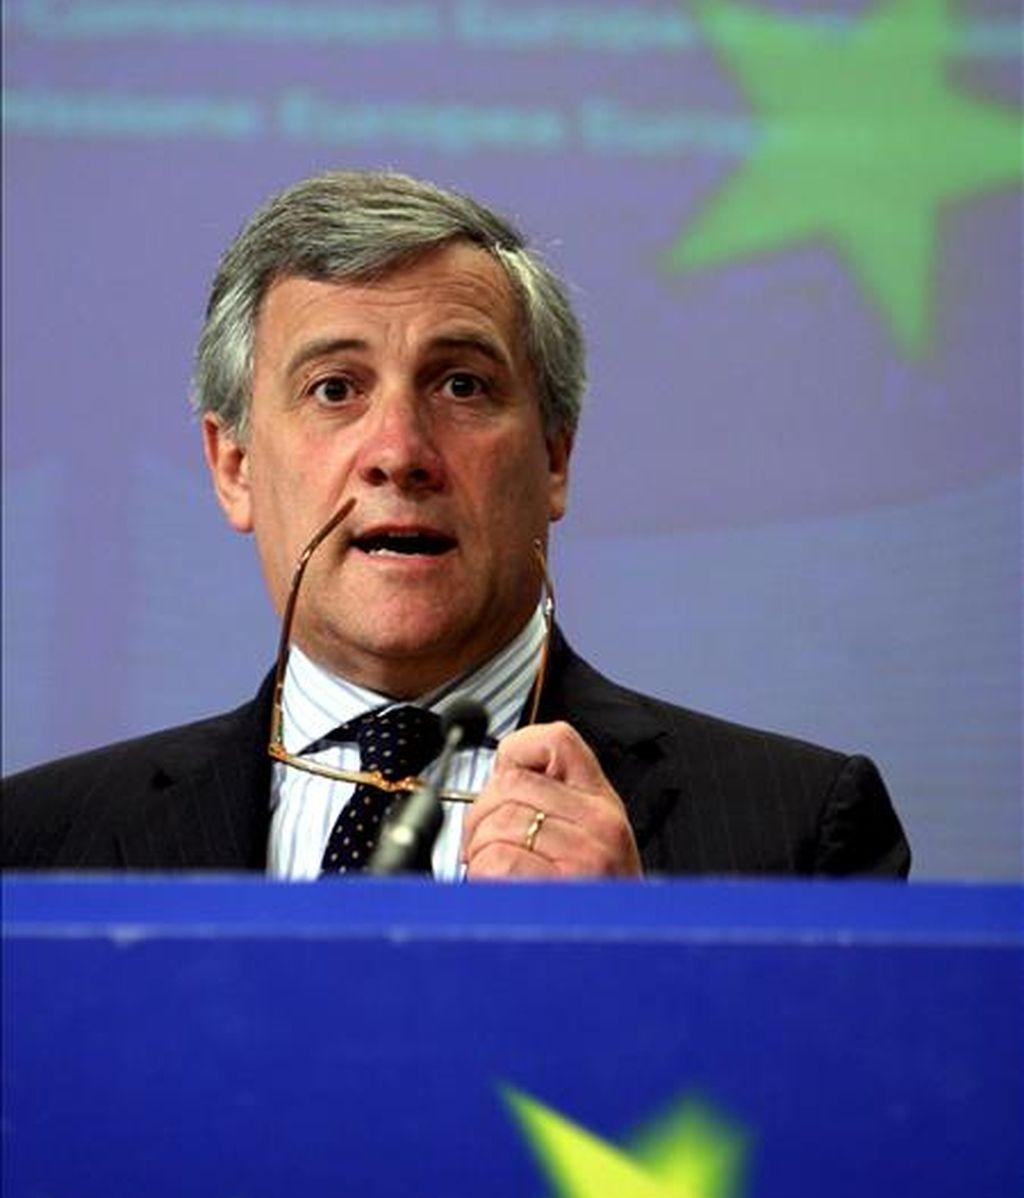 El comisario europeo de Transportes, Antonio Tajani, durante la rueda de prensa celebrada hoy en Bruselas, Bélgica, para presentar los datos sobre accidentes de tráfico en la UE durante 2008. EFE